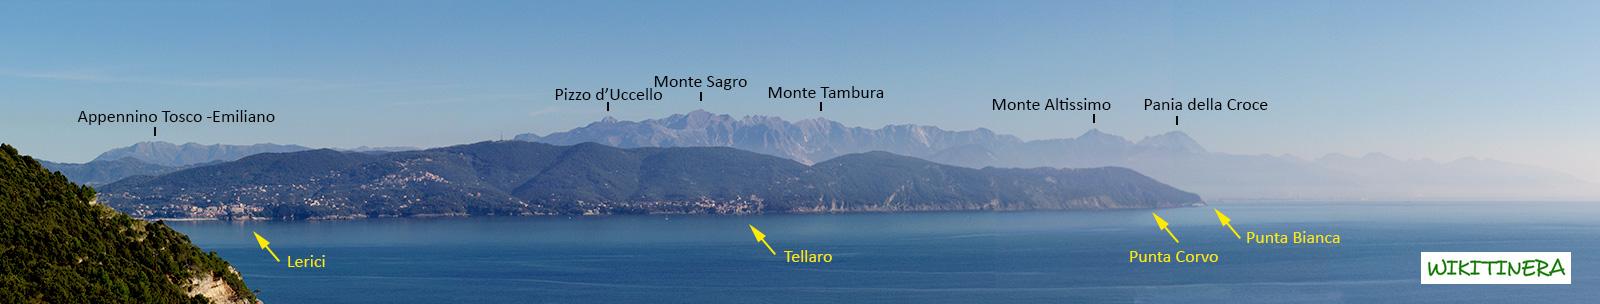 Paesaggio del Promontorio di Montemarcello